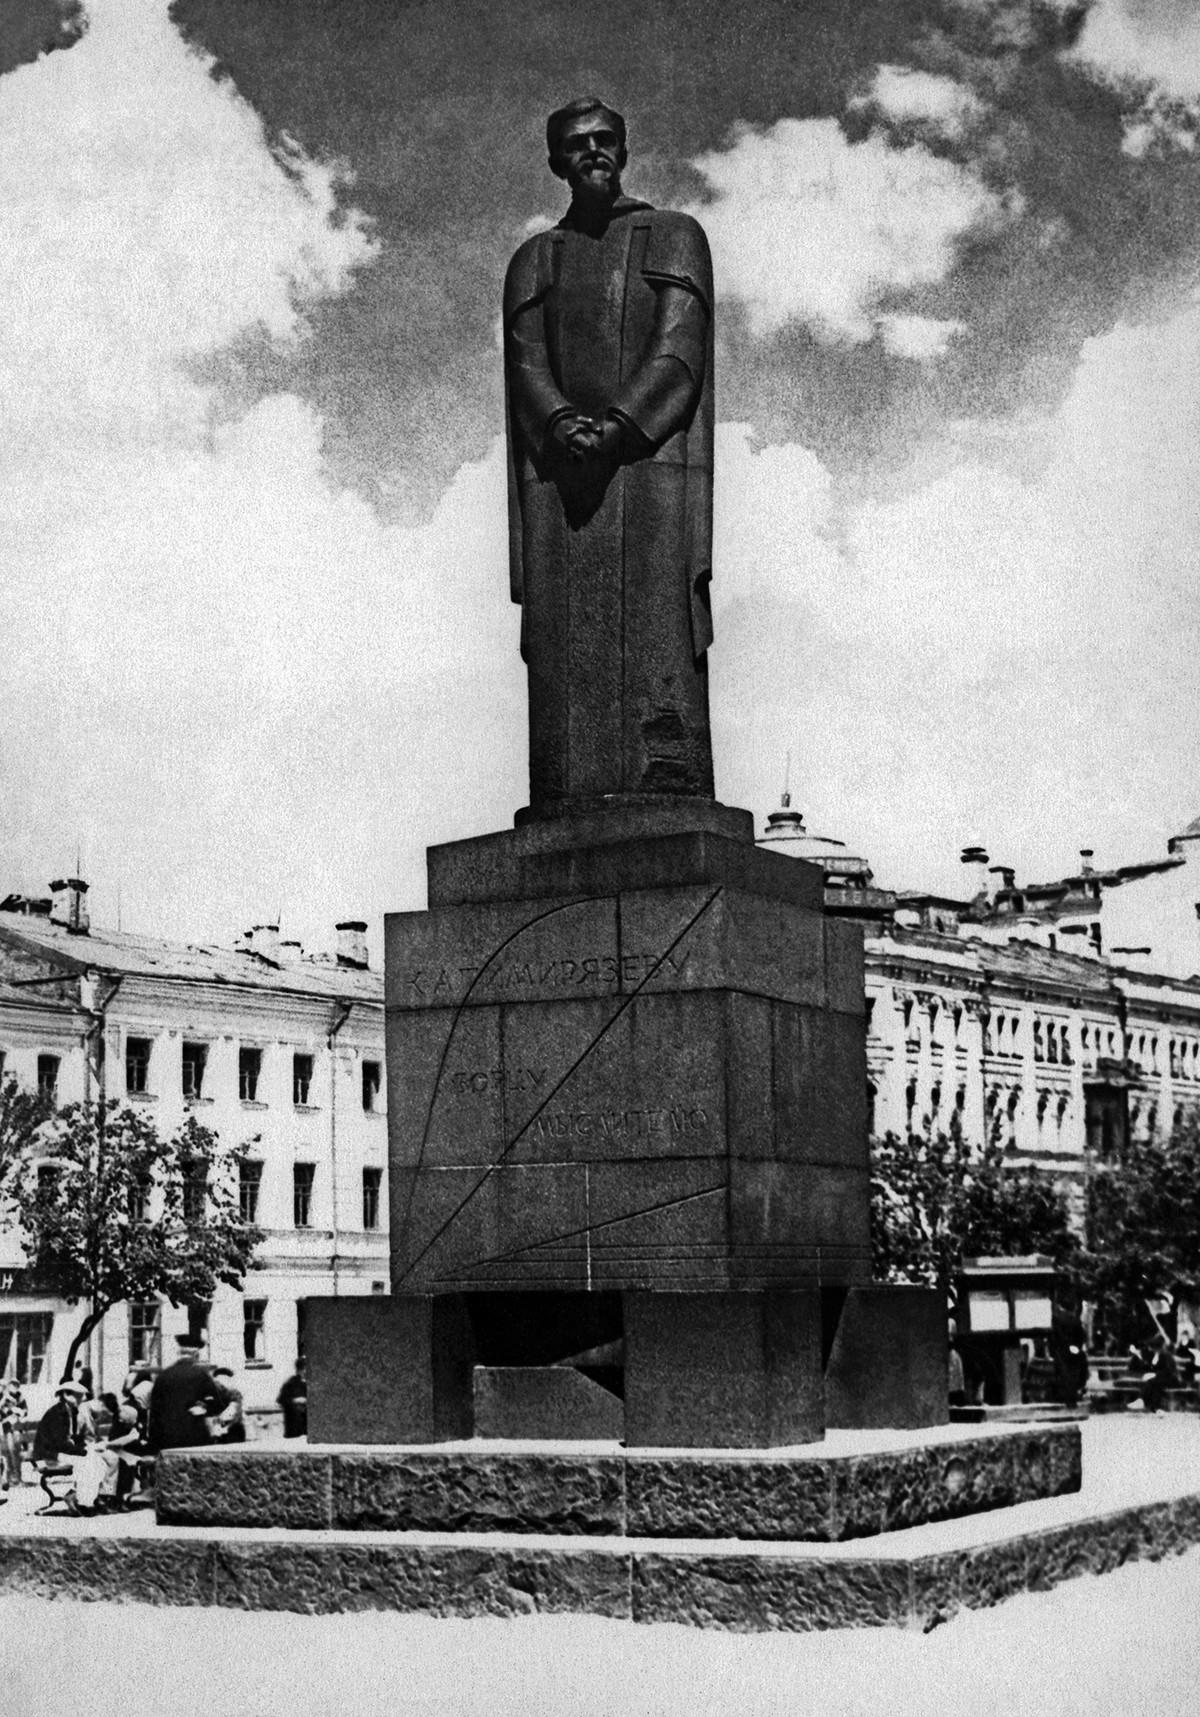 Spomenik v tridesetih letih 20. stoletja.